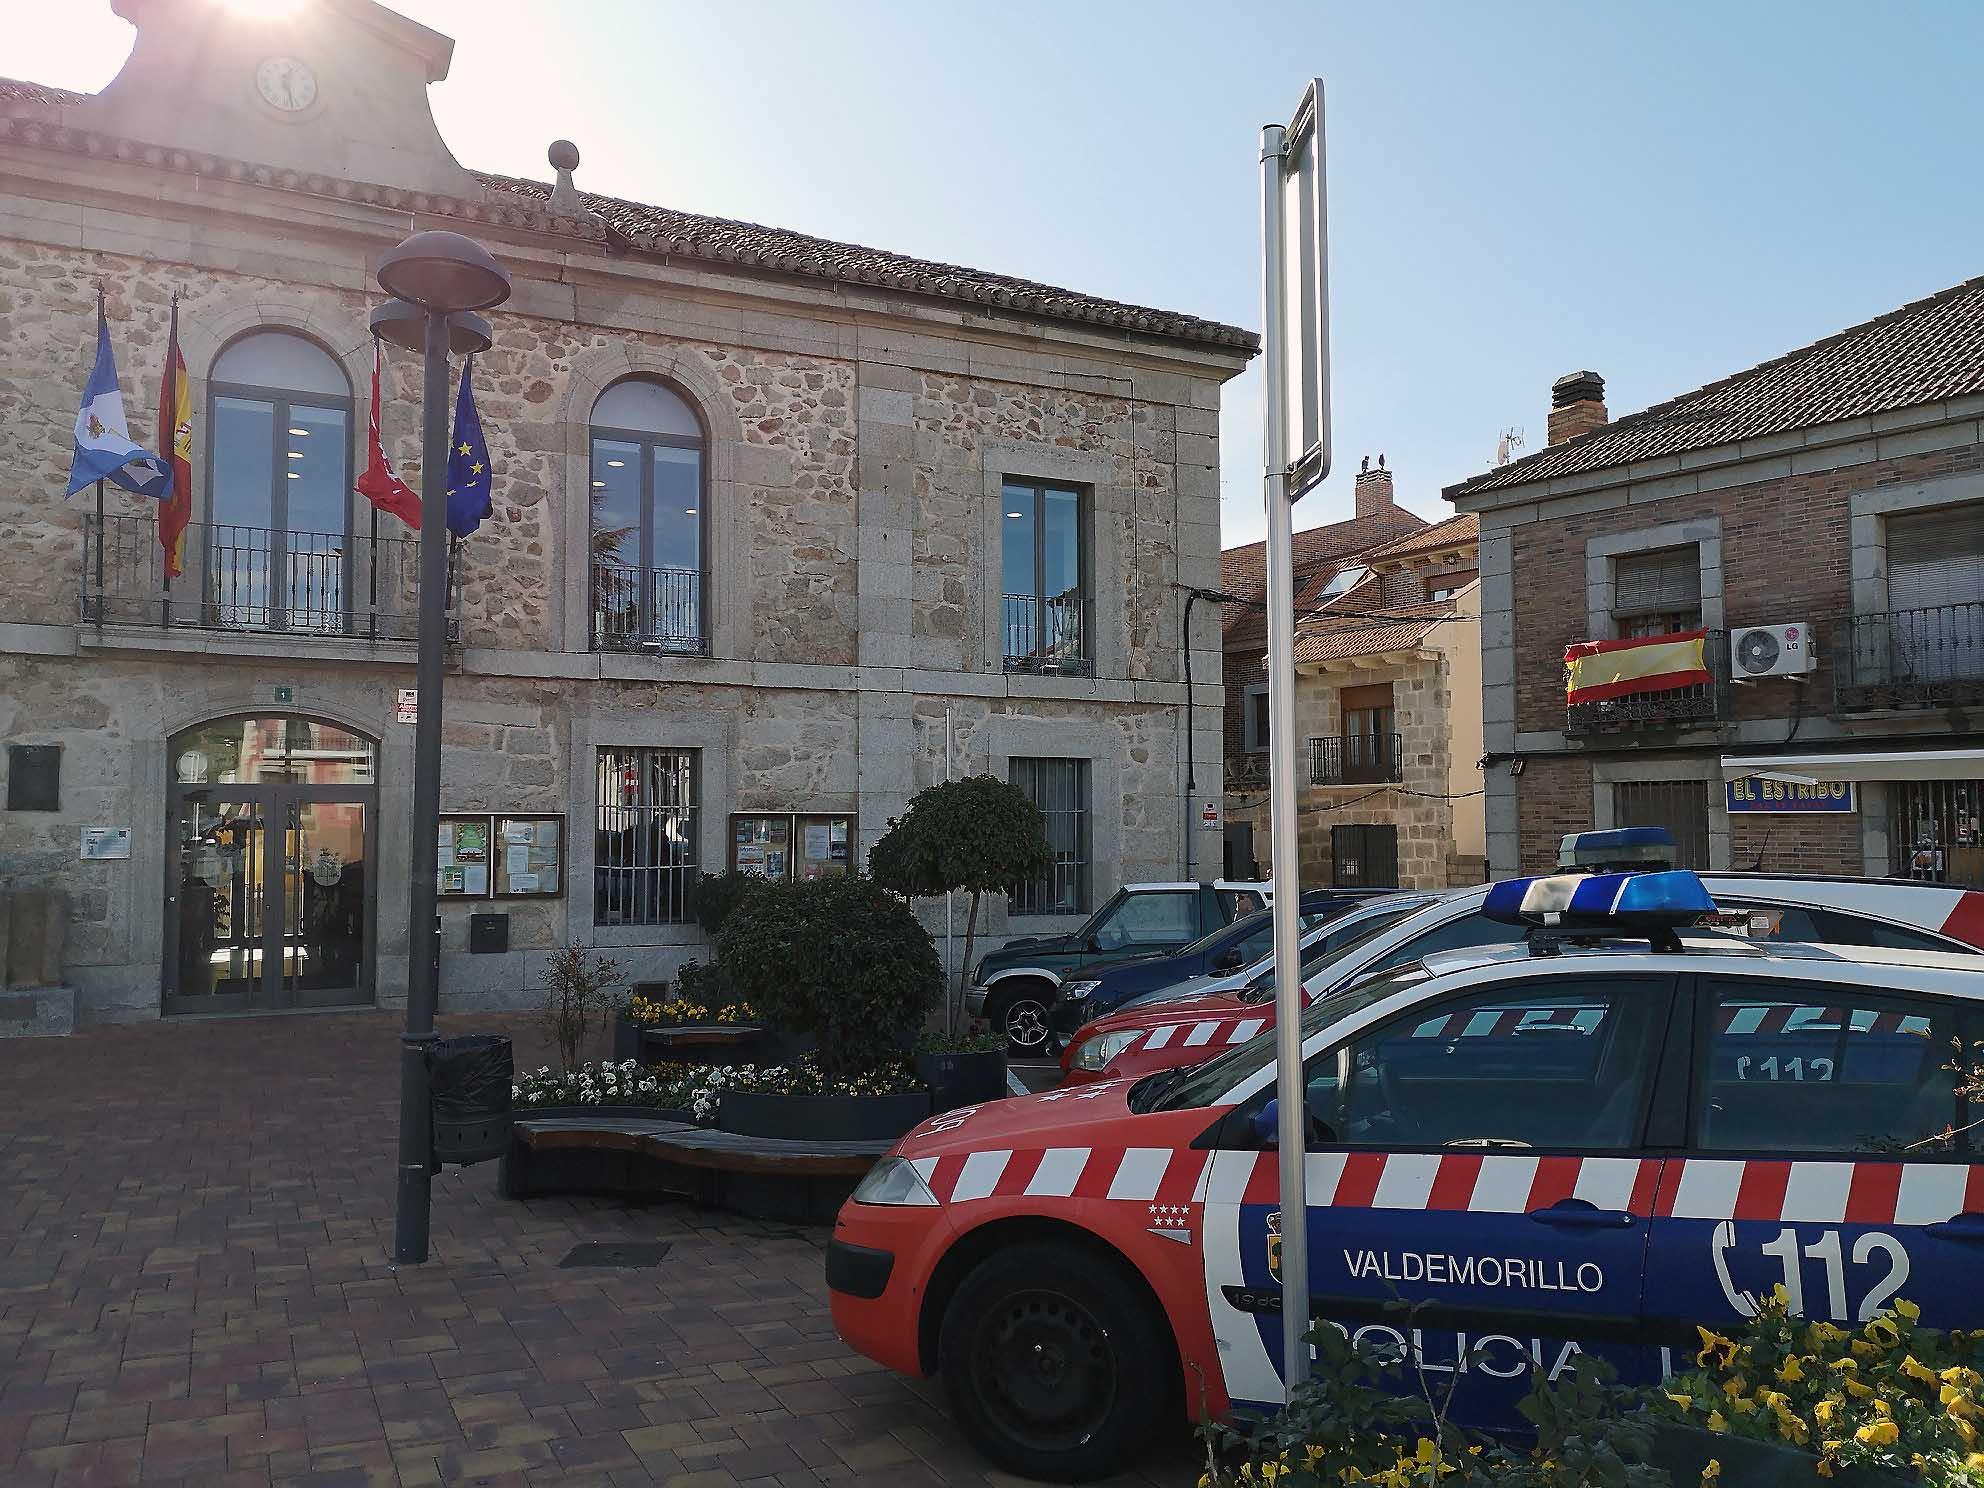 Ya en tramitación la adquisición de nuevos vehículos para la Policía Local  gracias a uno de los principales acuerdos con los que la Junta de Gobierno de Valdemorillo despide año